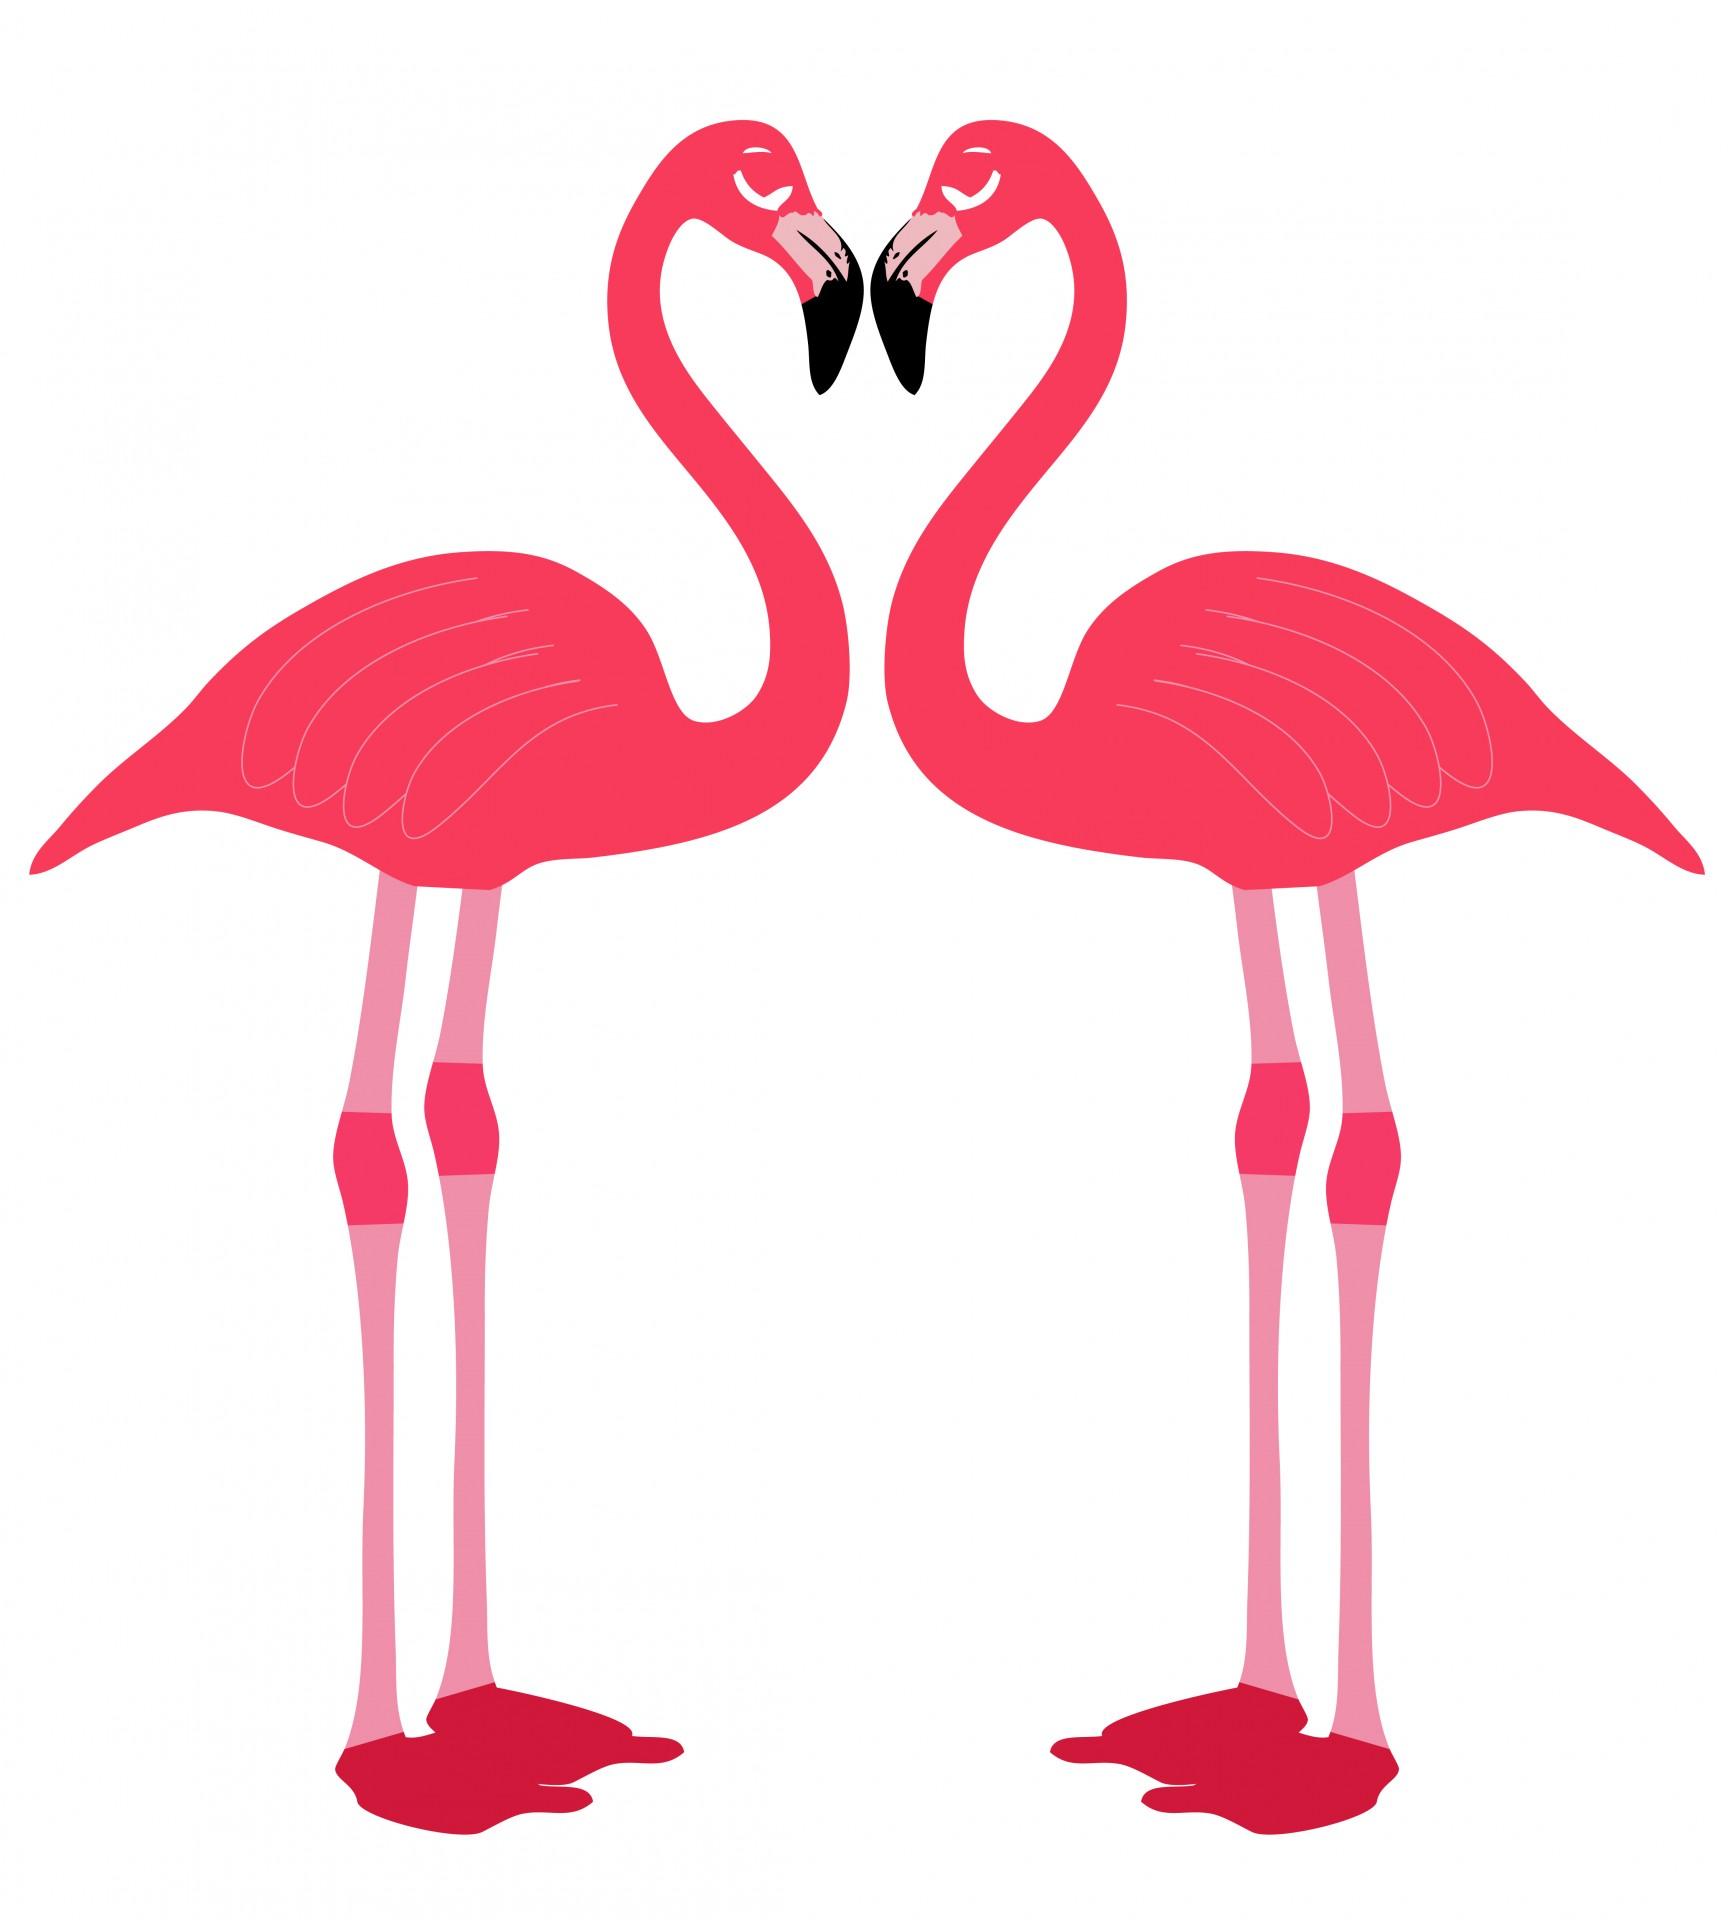 Flamingo Birds Love Heart Free Stock Photo.